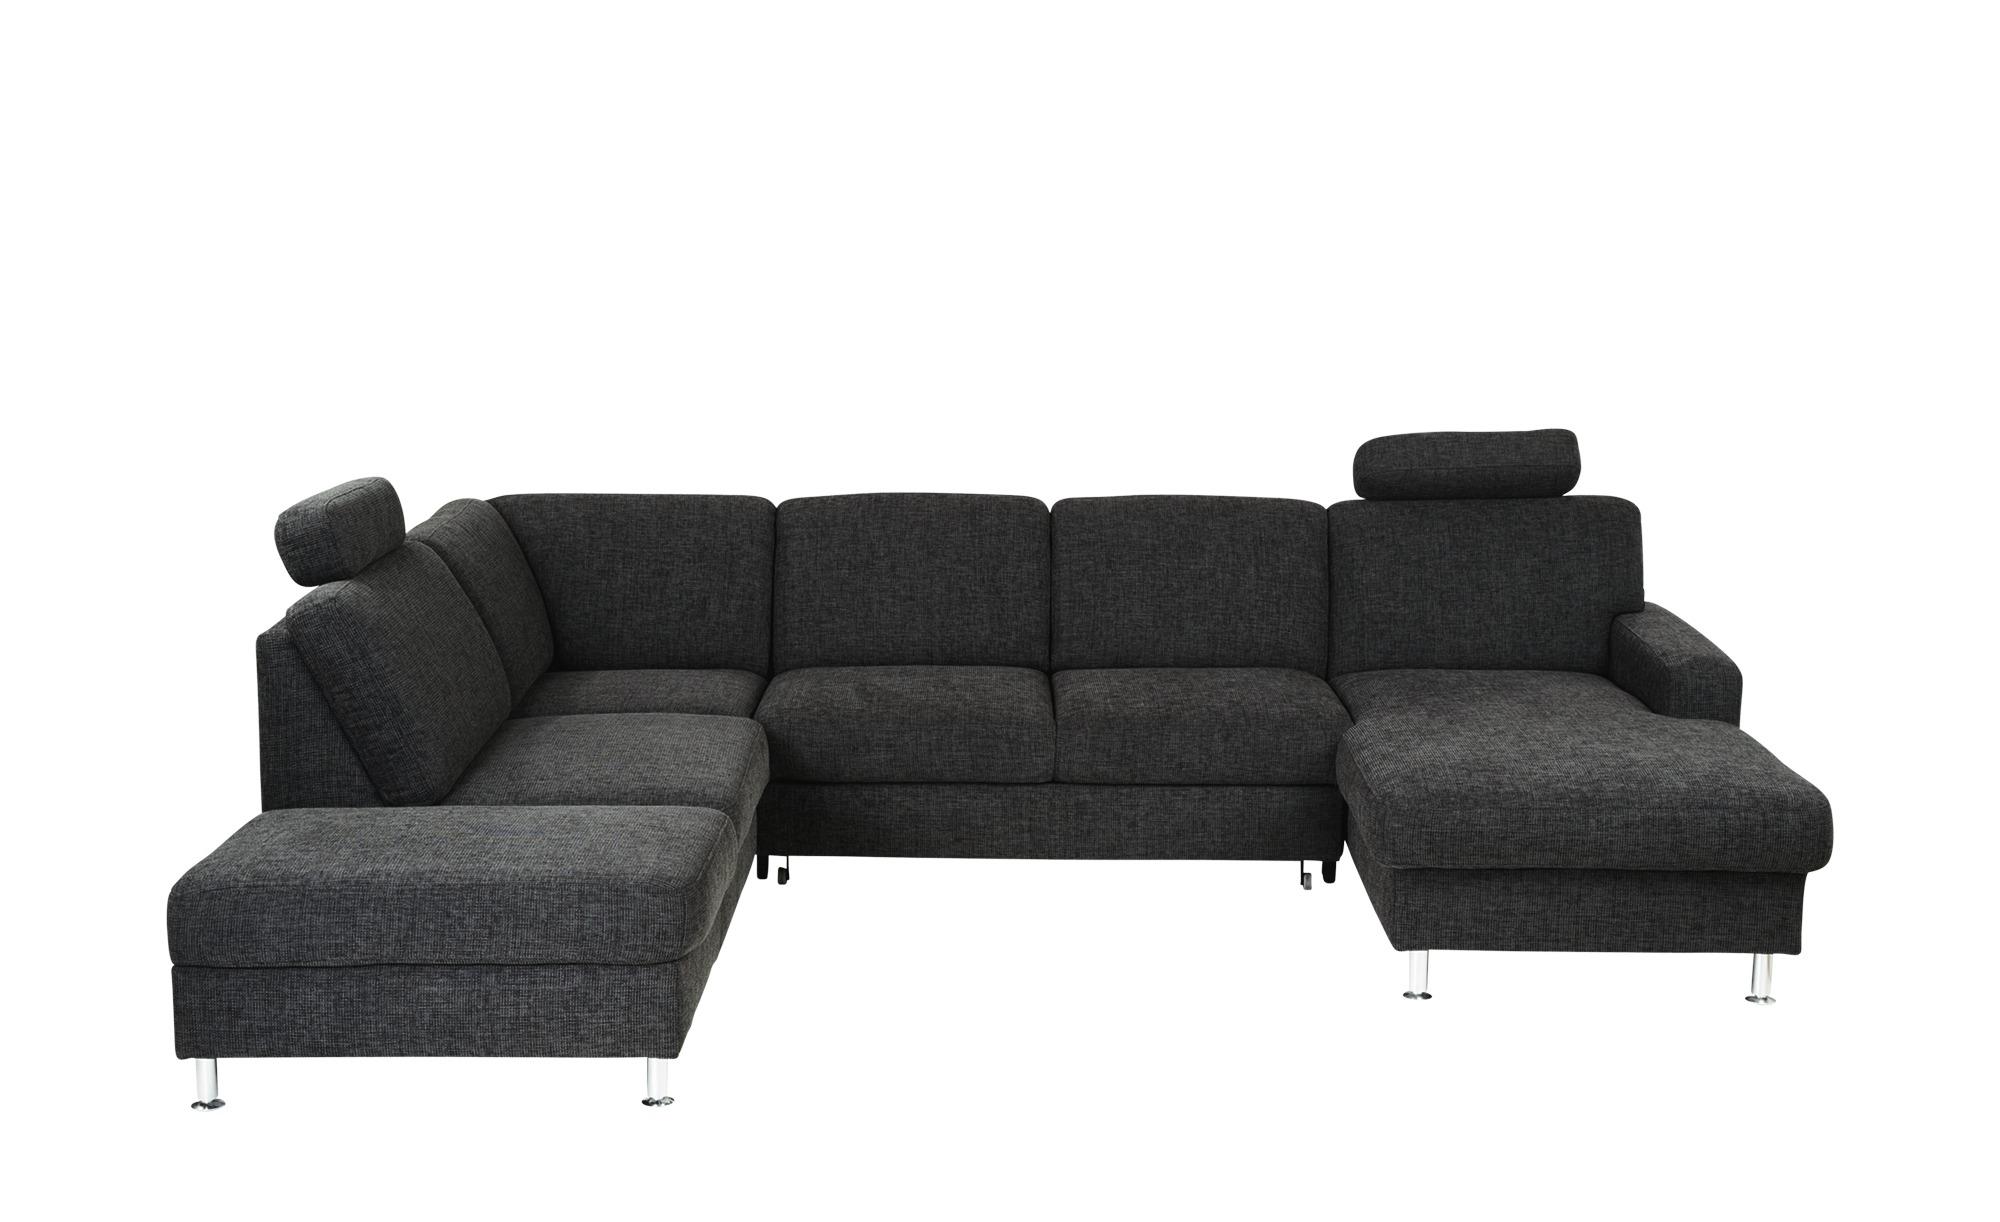 meinsofa wohnlandschaft mit schlaffunktion jana breite h he grau online kaufen bei woonio. Black Bedroom Furniture Sets. Home Design Ideas